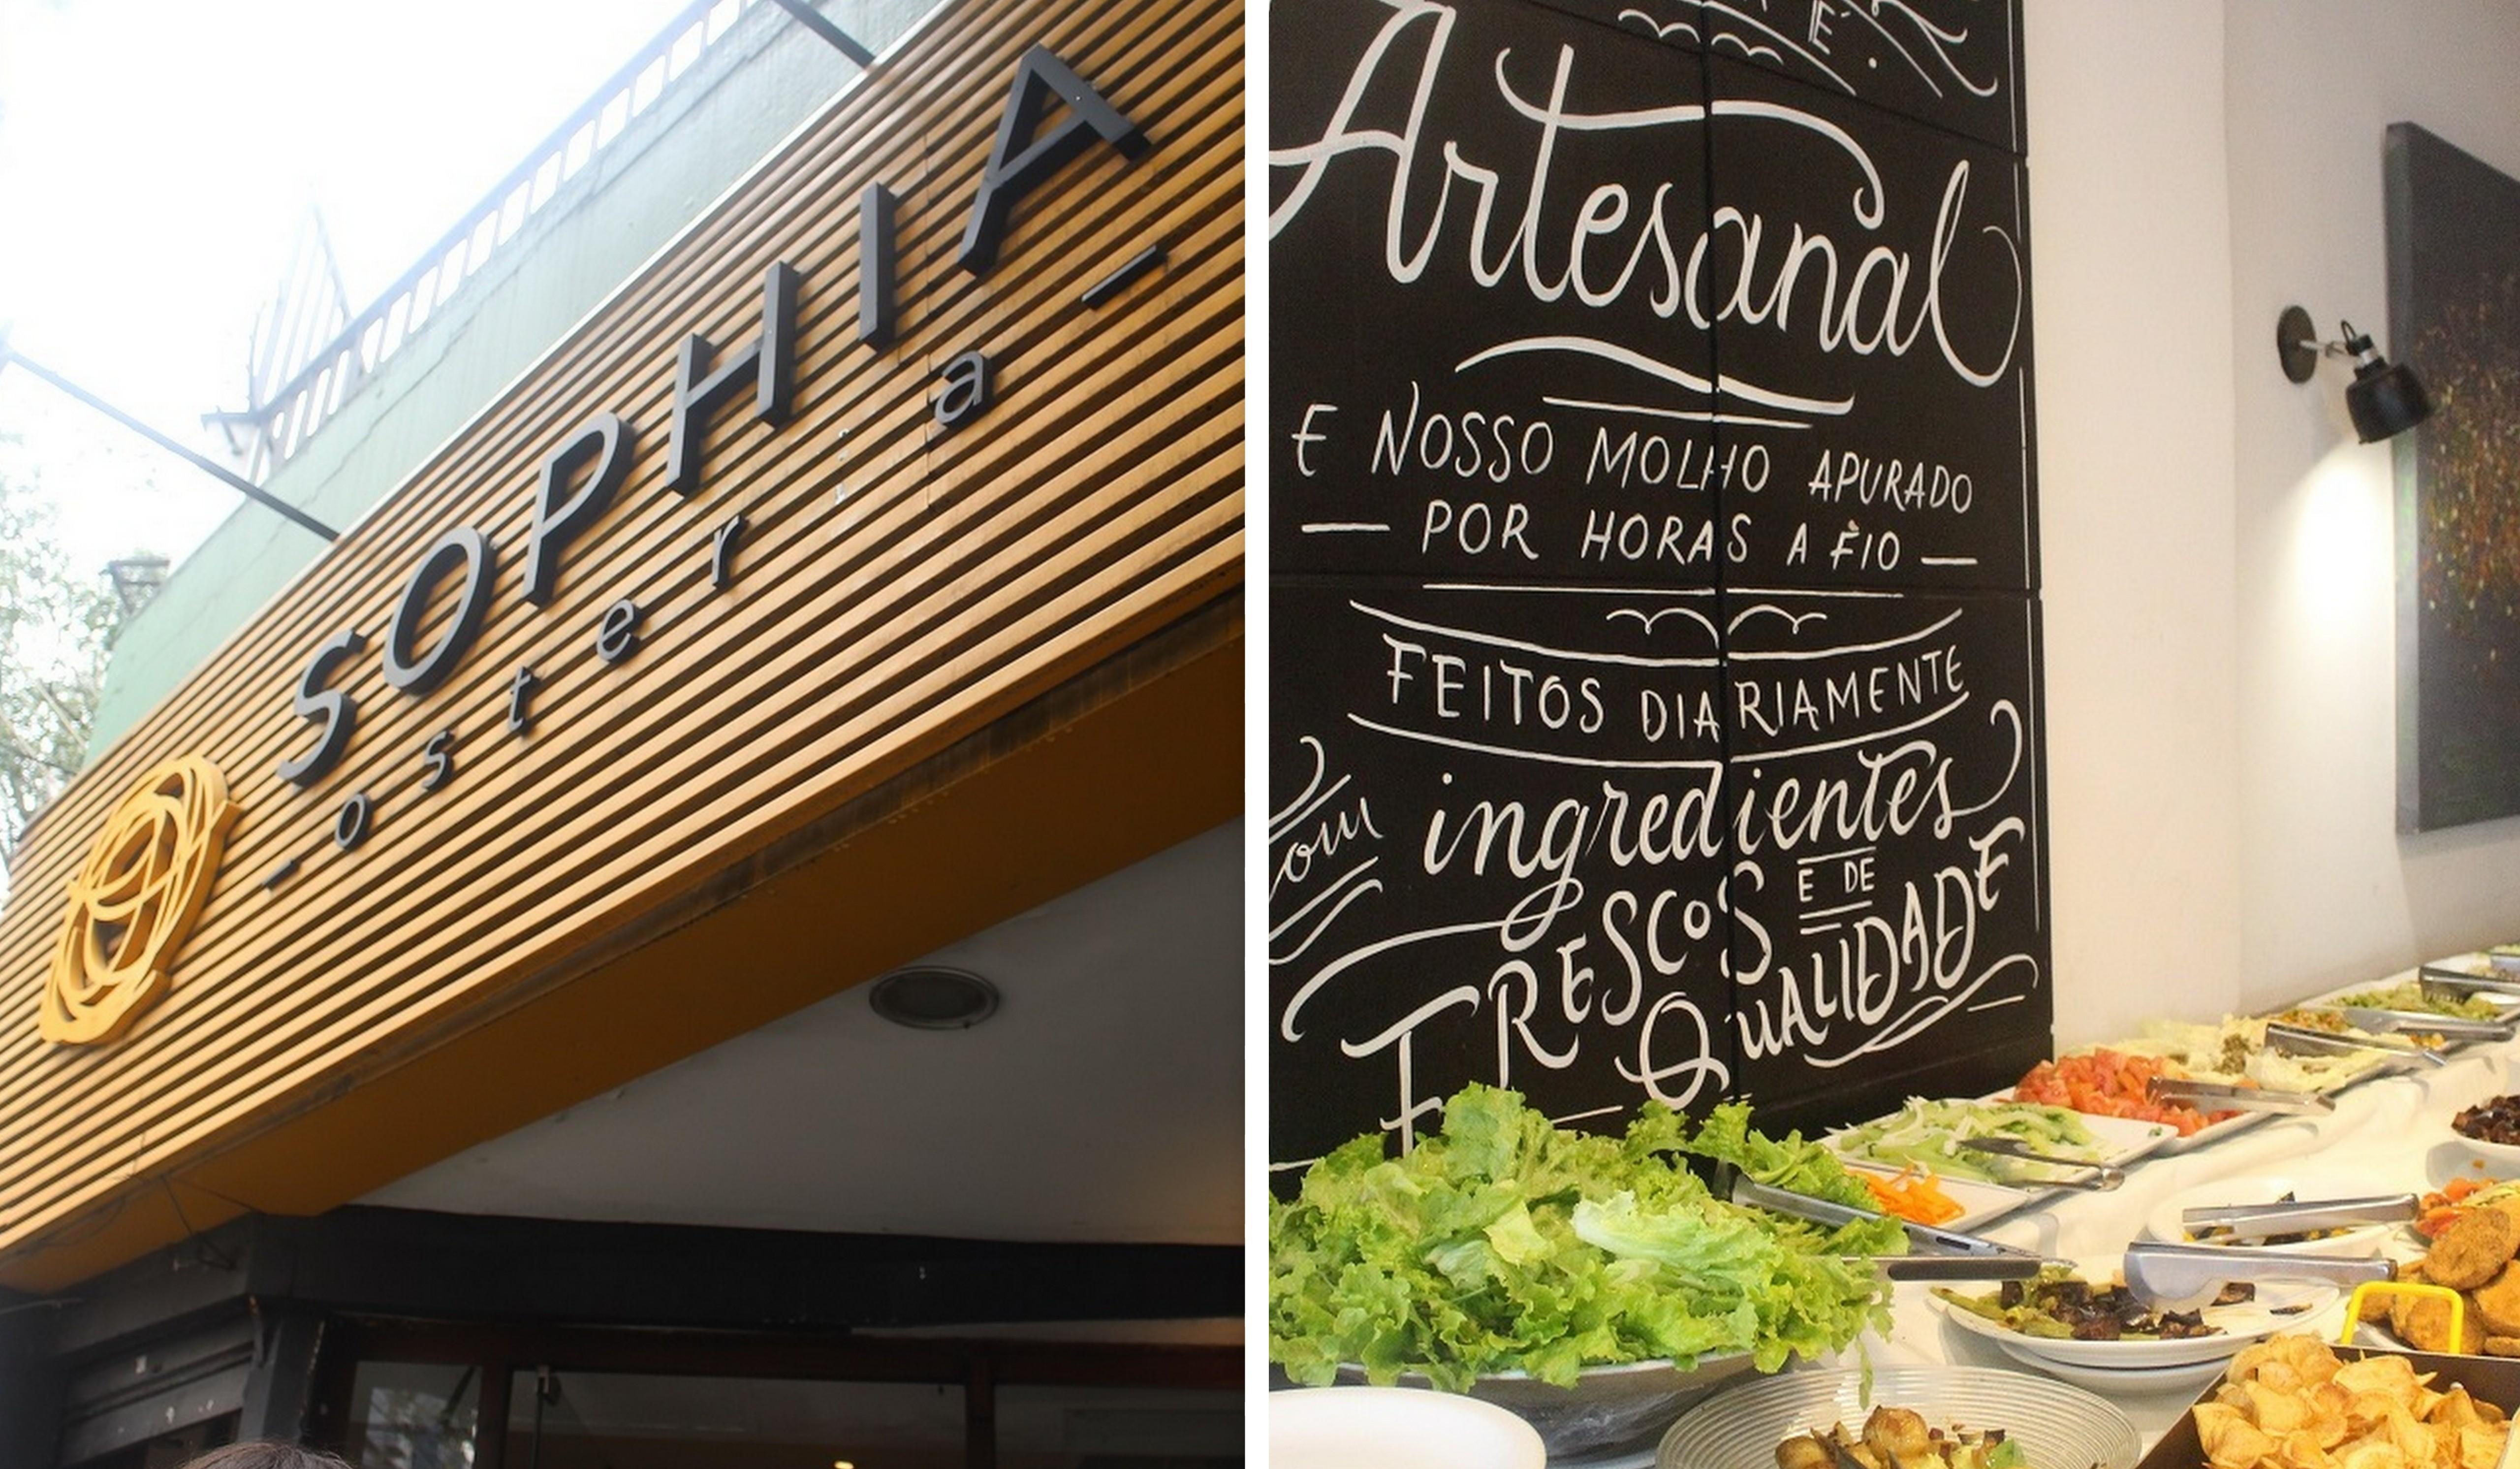 Restaurante dá refeições de graça para crianças com câncer e emociona famílias carentes 3